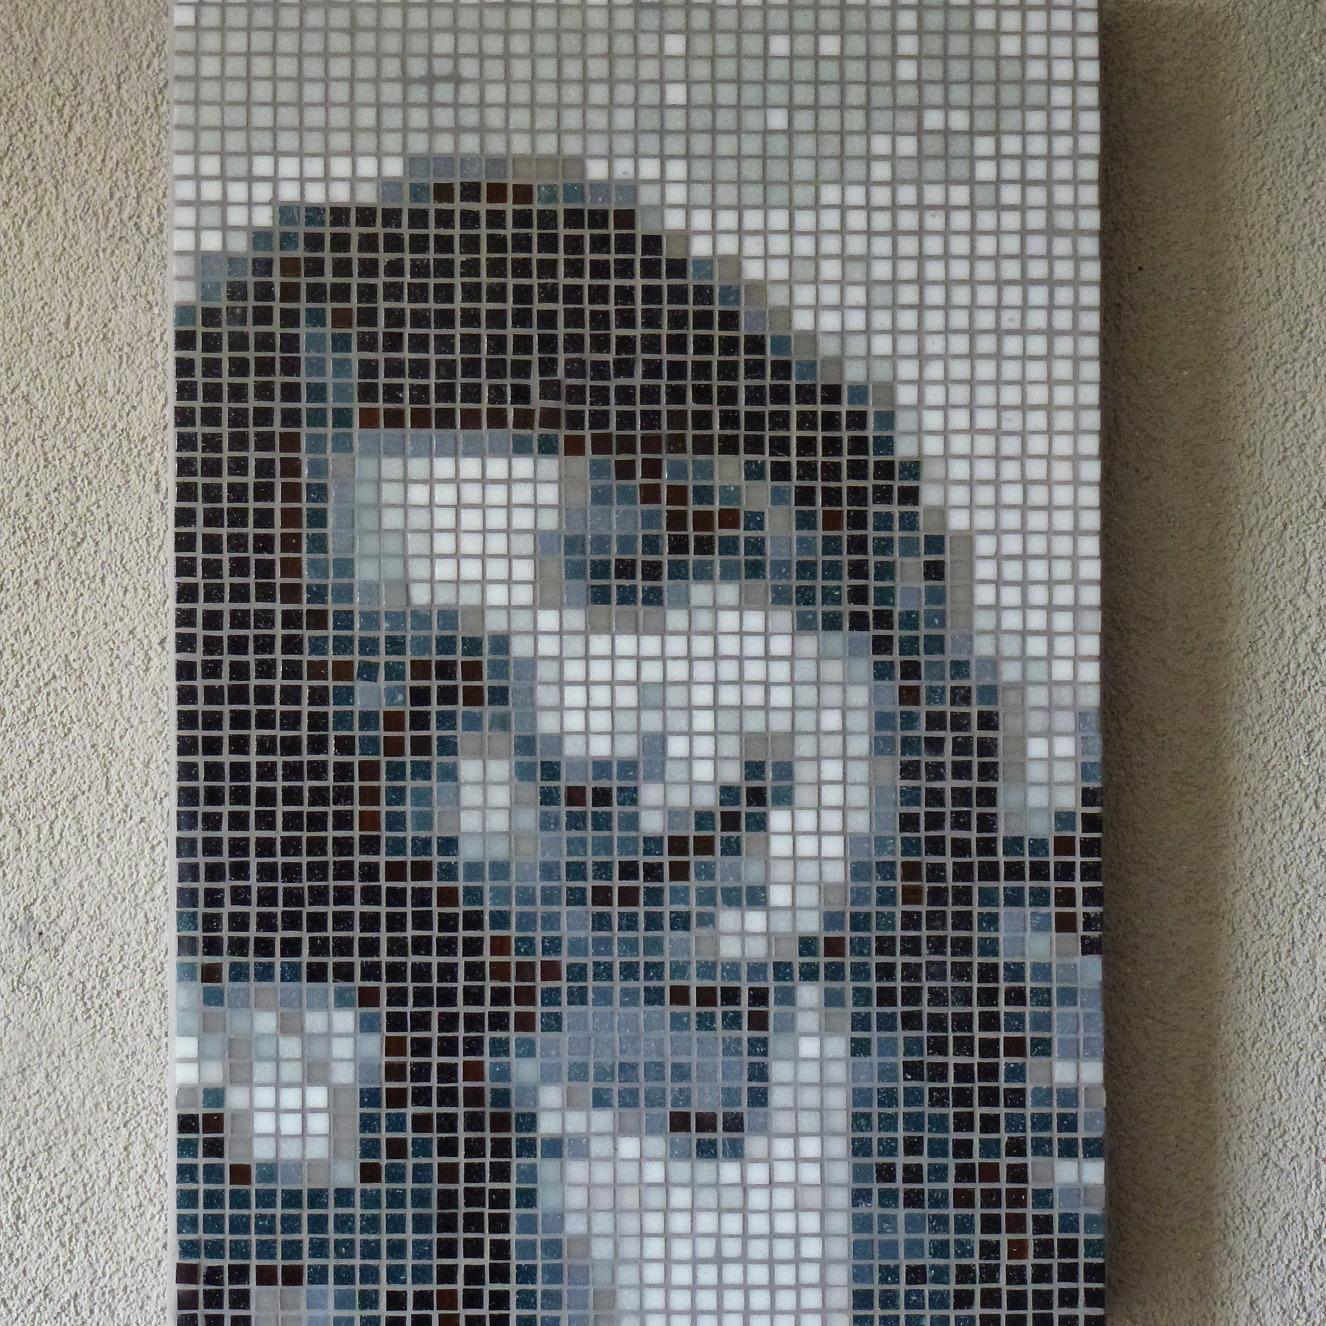 meg mercx mozaiekportret 3 (2)